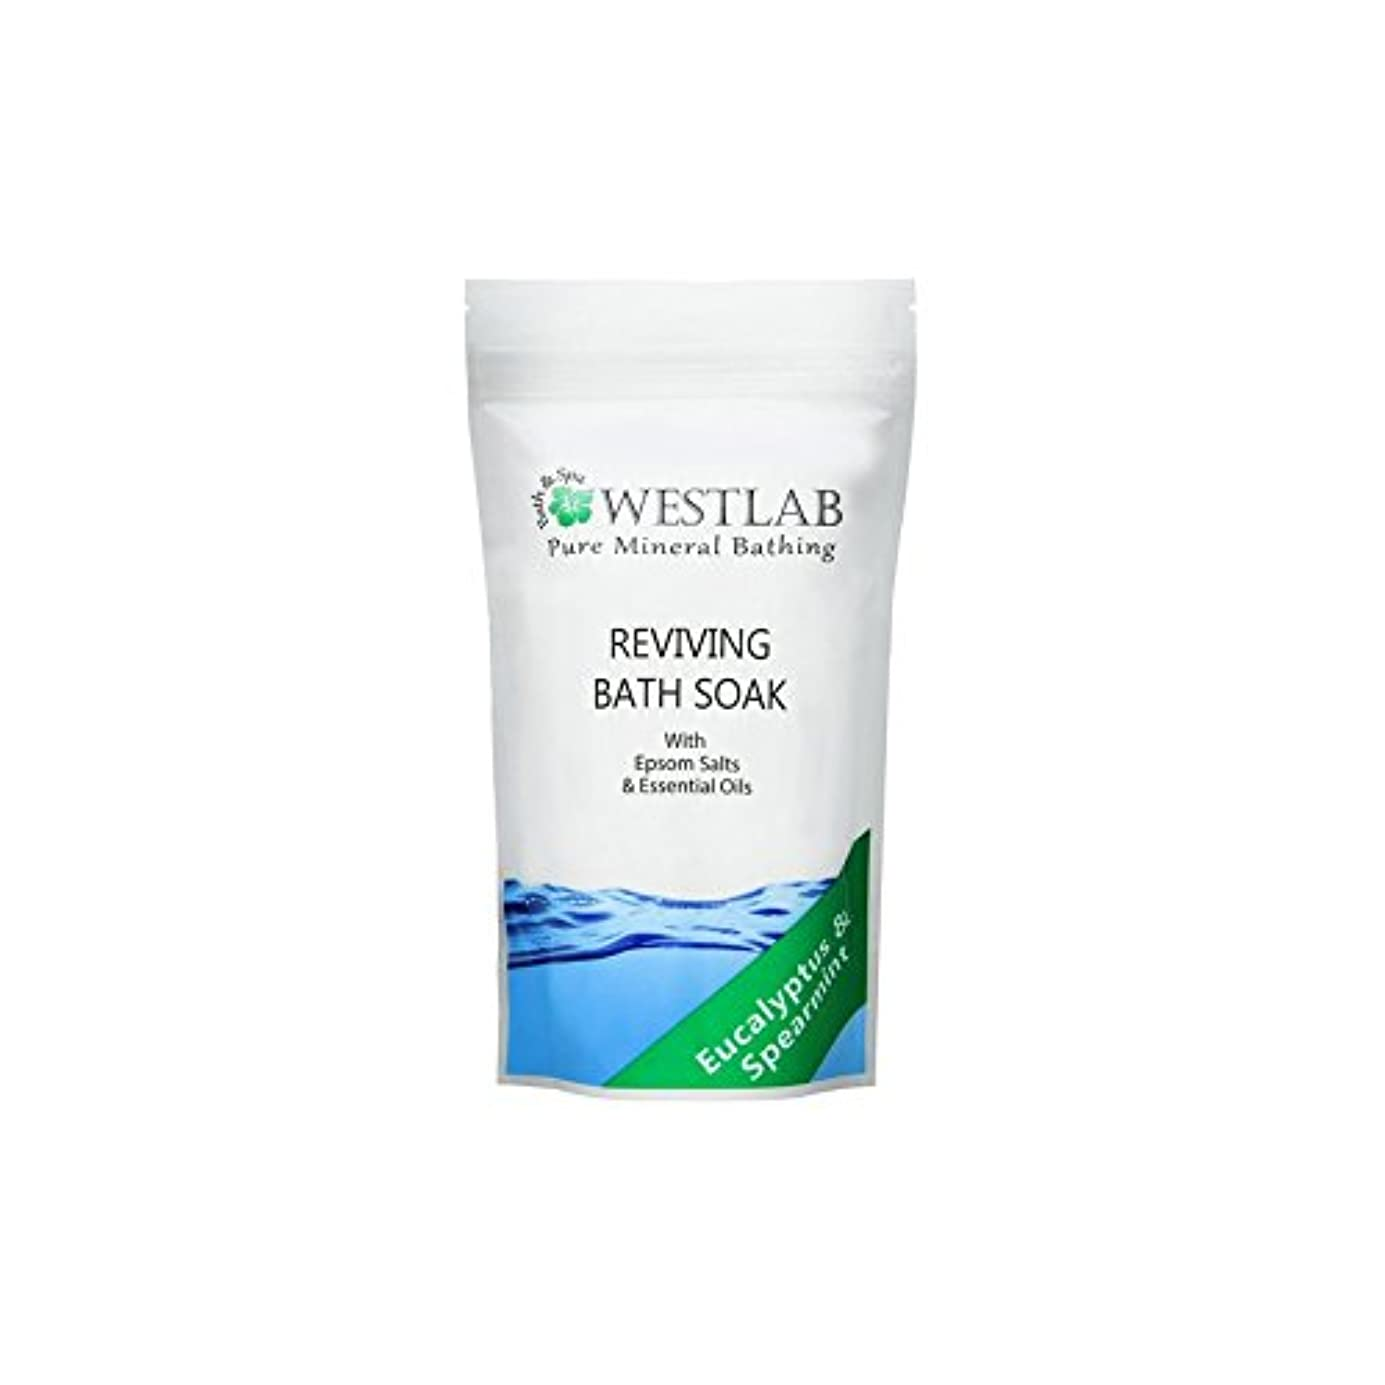 キャンディー湿地ゲート(500グラム)をソークエプソム塩浴を復活させます x4 - Westlab Revive Epsom Salt Bath Soak (500g) (Pack of 4) [並行輸入品]